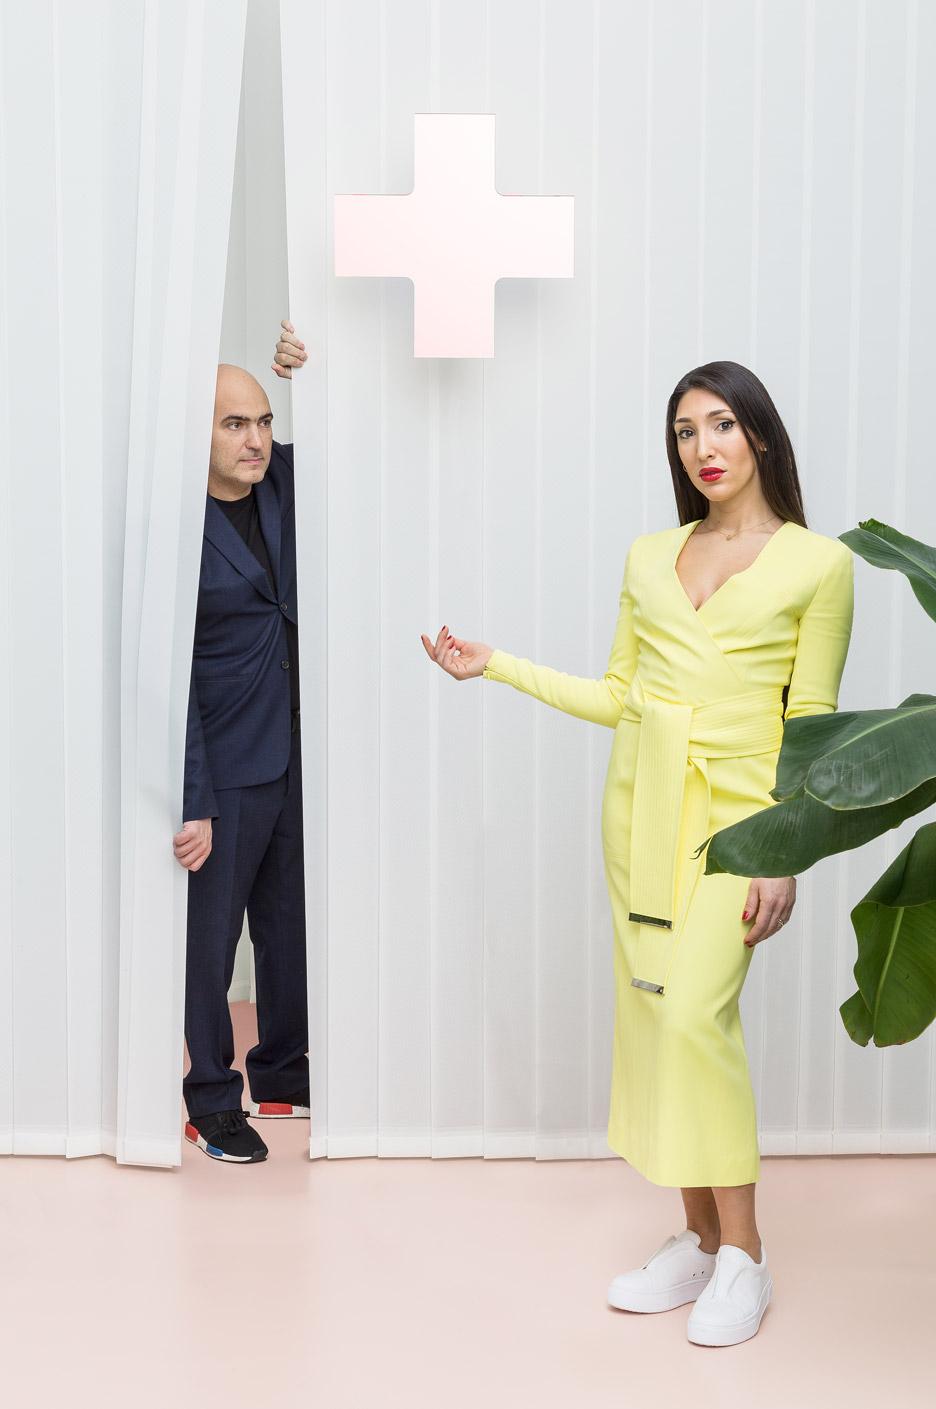 Atelier Biagetti's No Sex show at Milan design week 2016